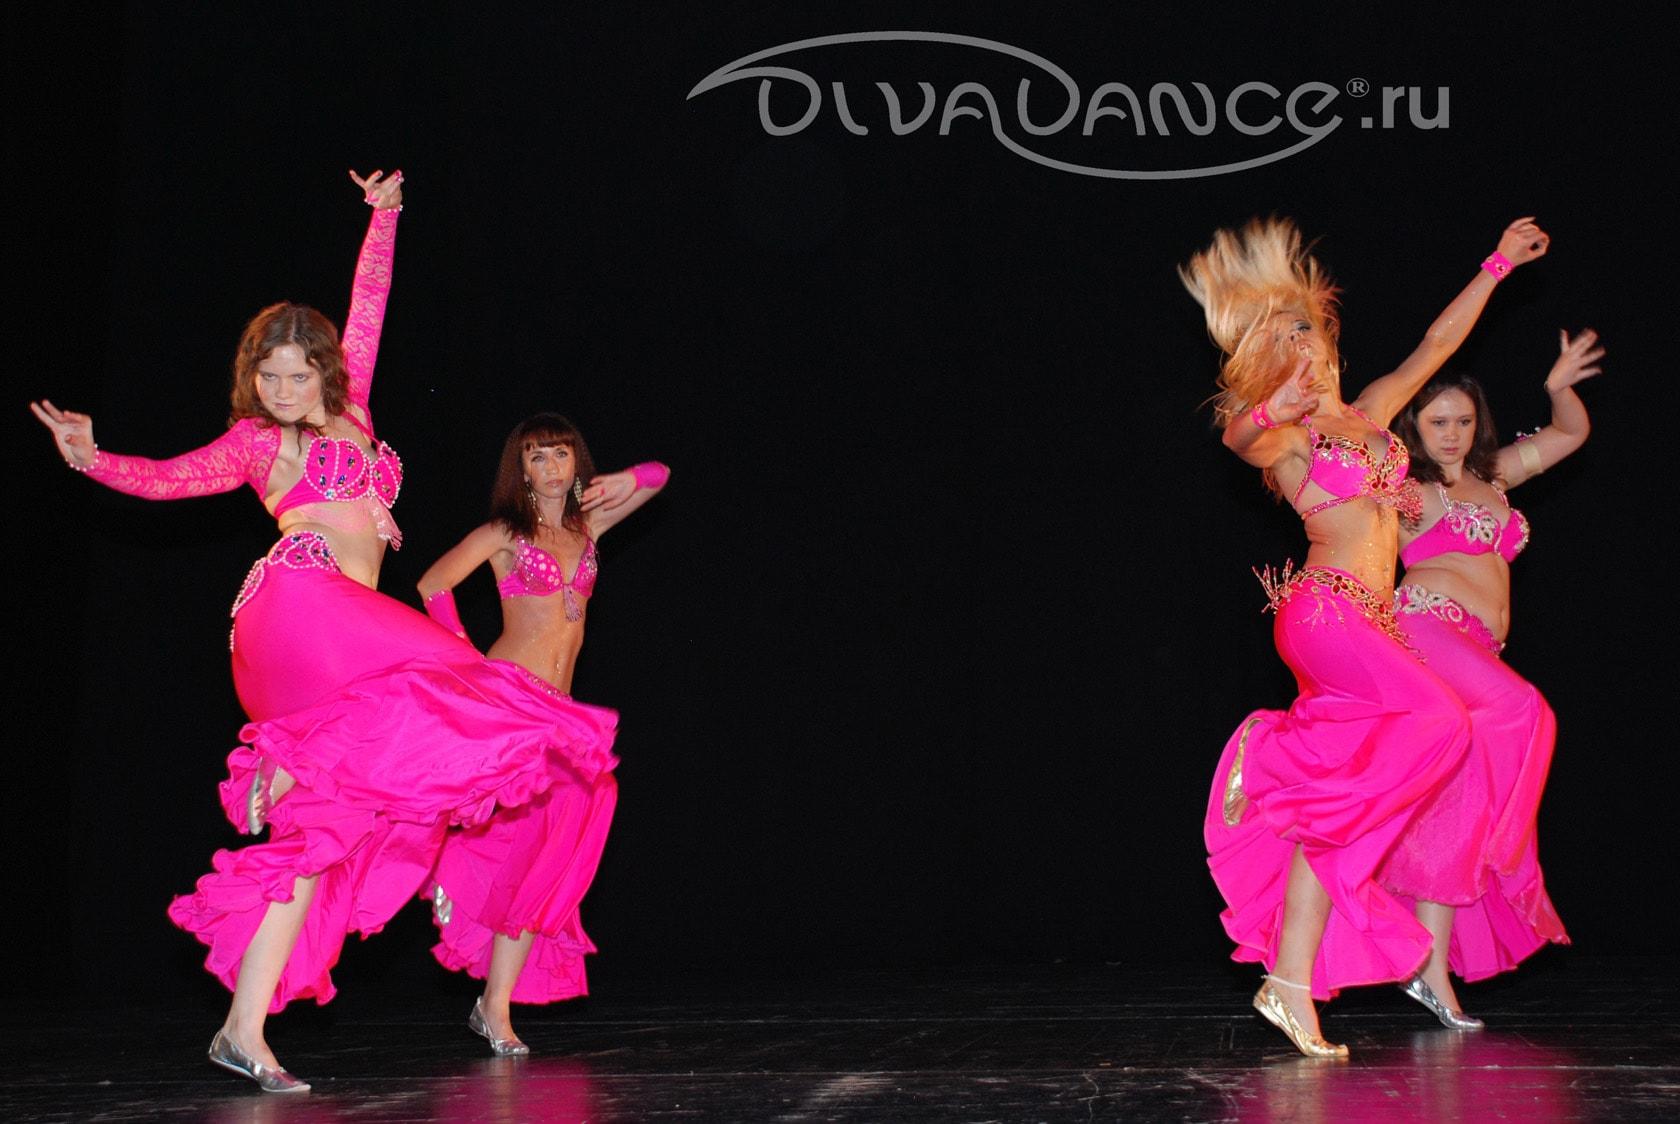 Танец живота инструкция бесплатно скачать